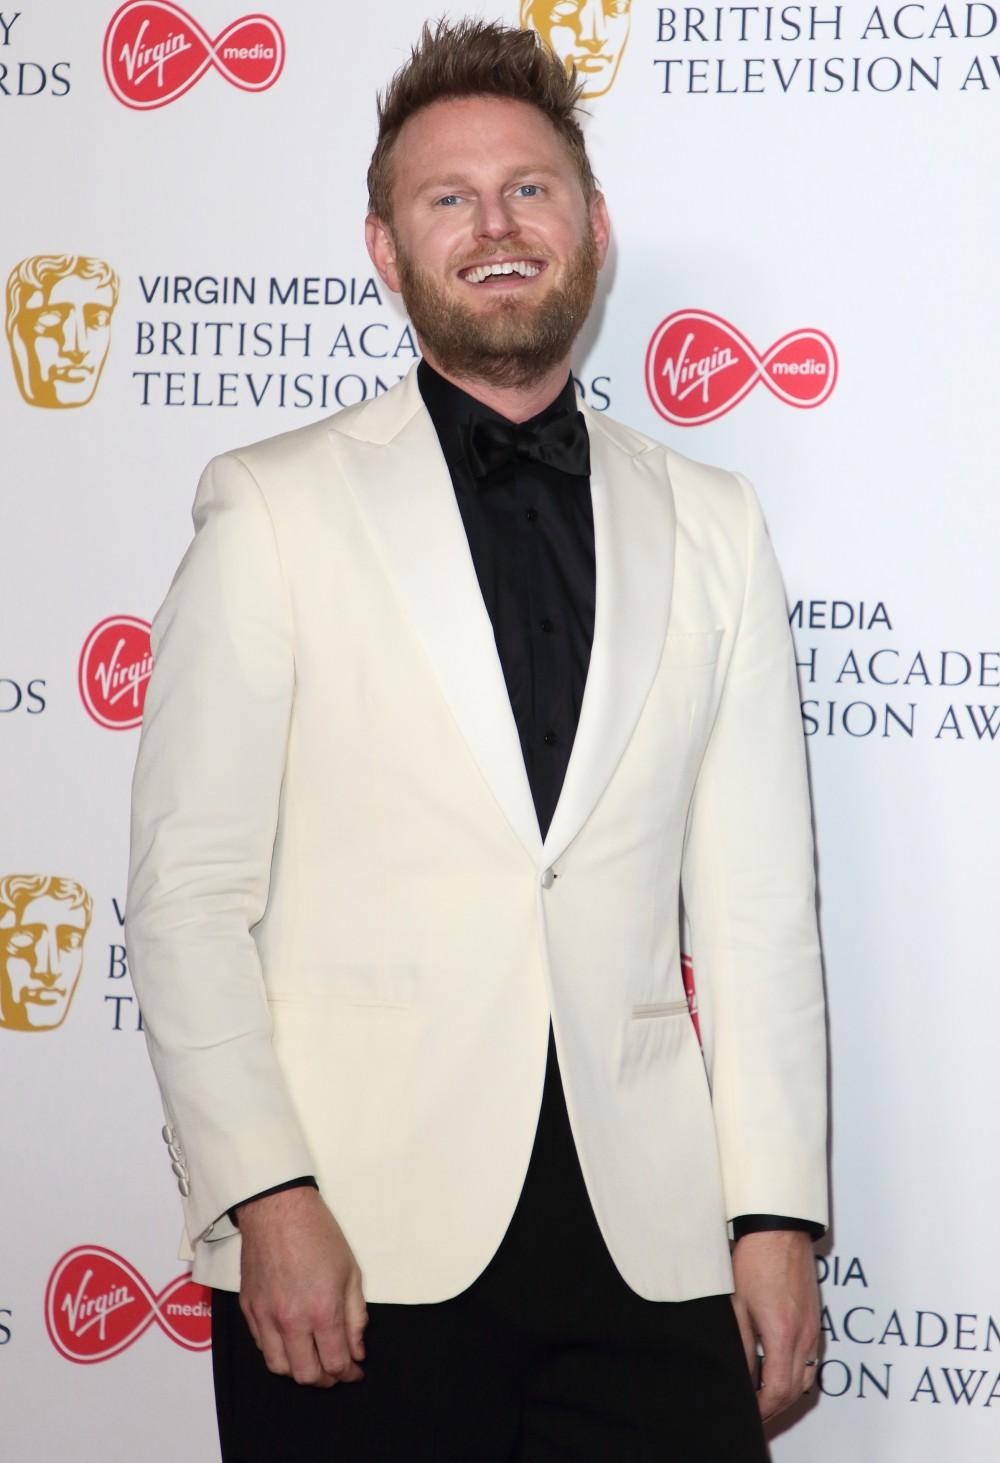 Virgin Media BAFTA Television Awards 2019 - Press Room